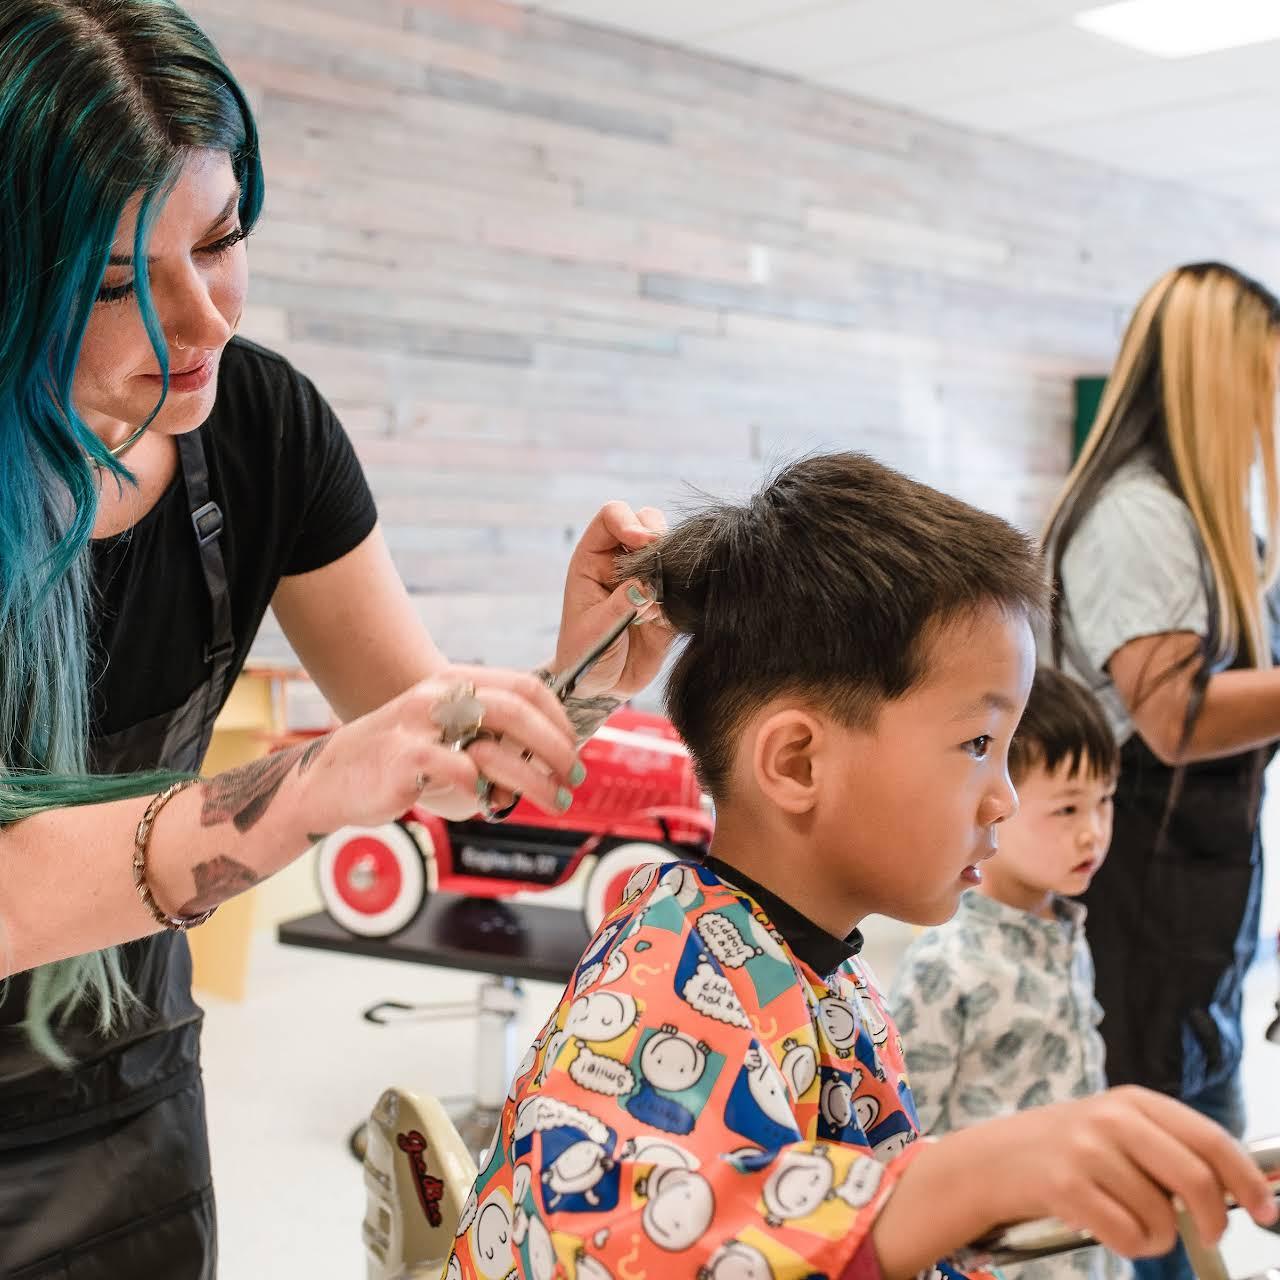 Cookie Cutters Haircuts For Kids Hair Salon In Manhattan Beach